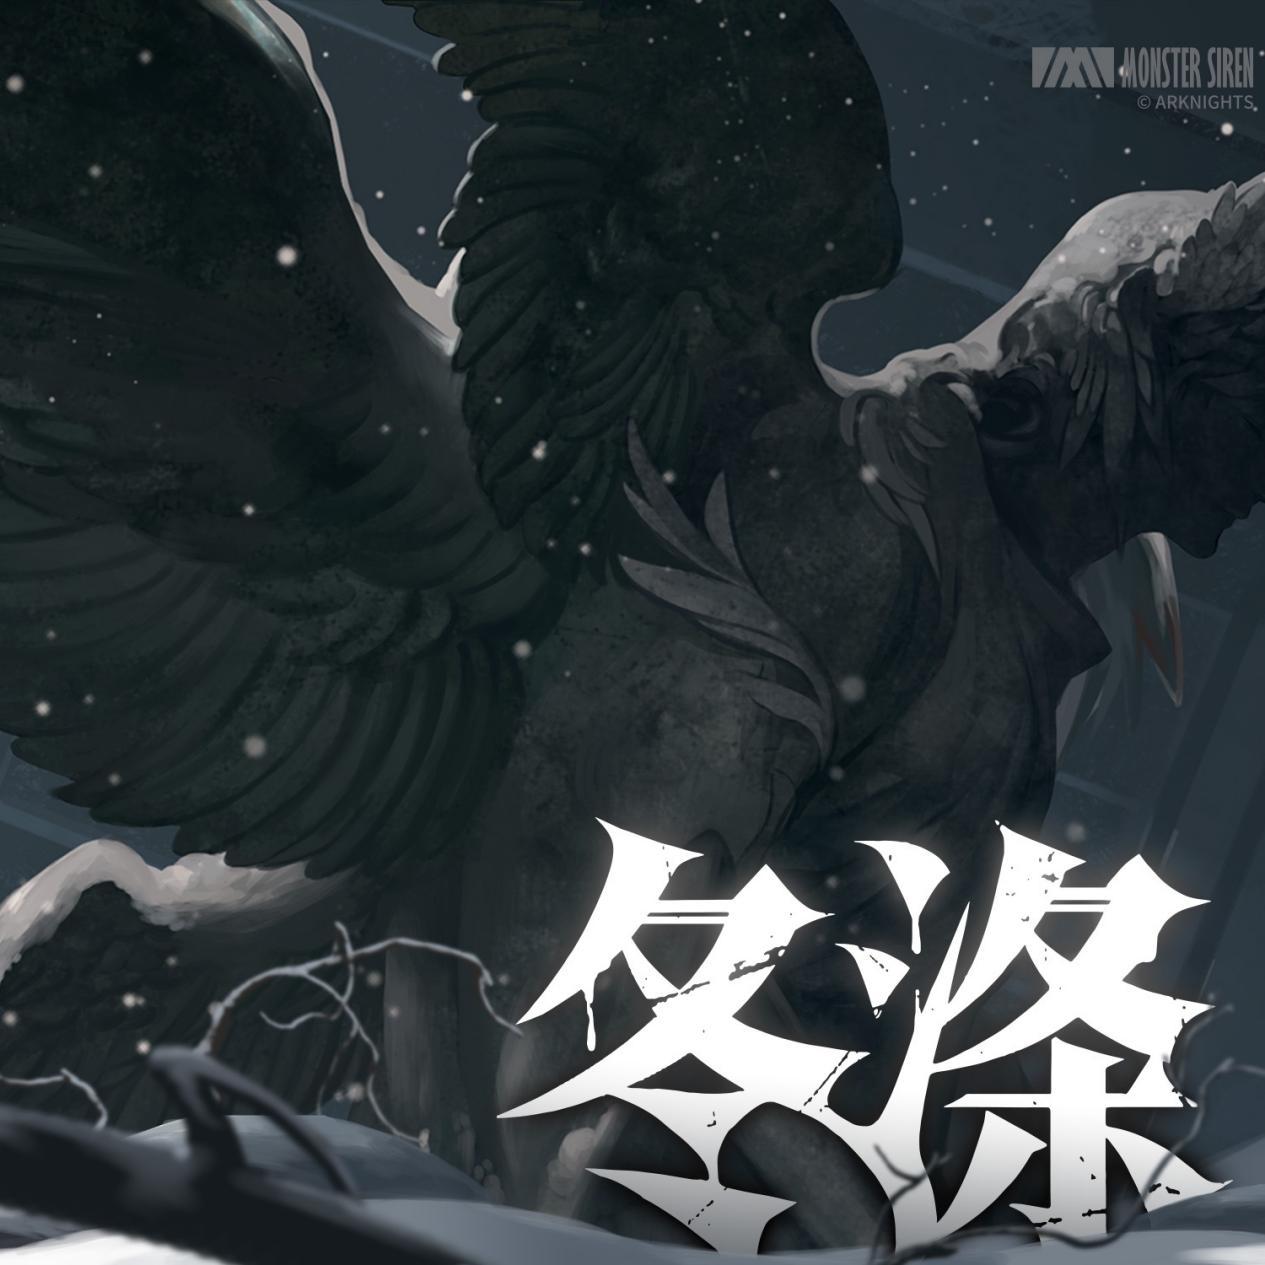 明日方舟:季节四部曲最后一部「冬涤」上线 风雪中的守望者 第4张